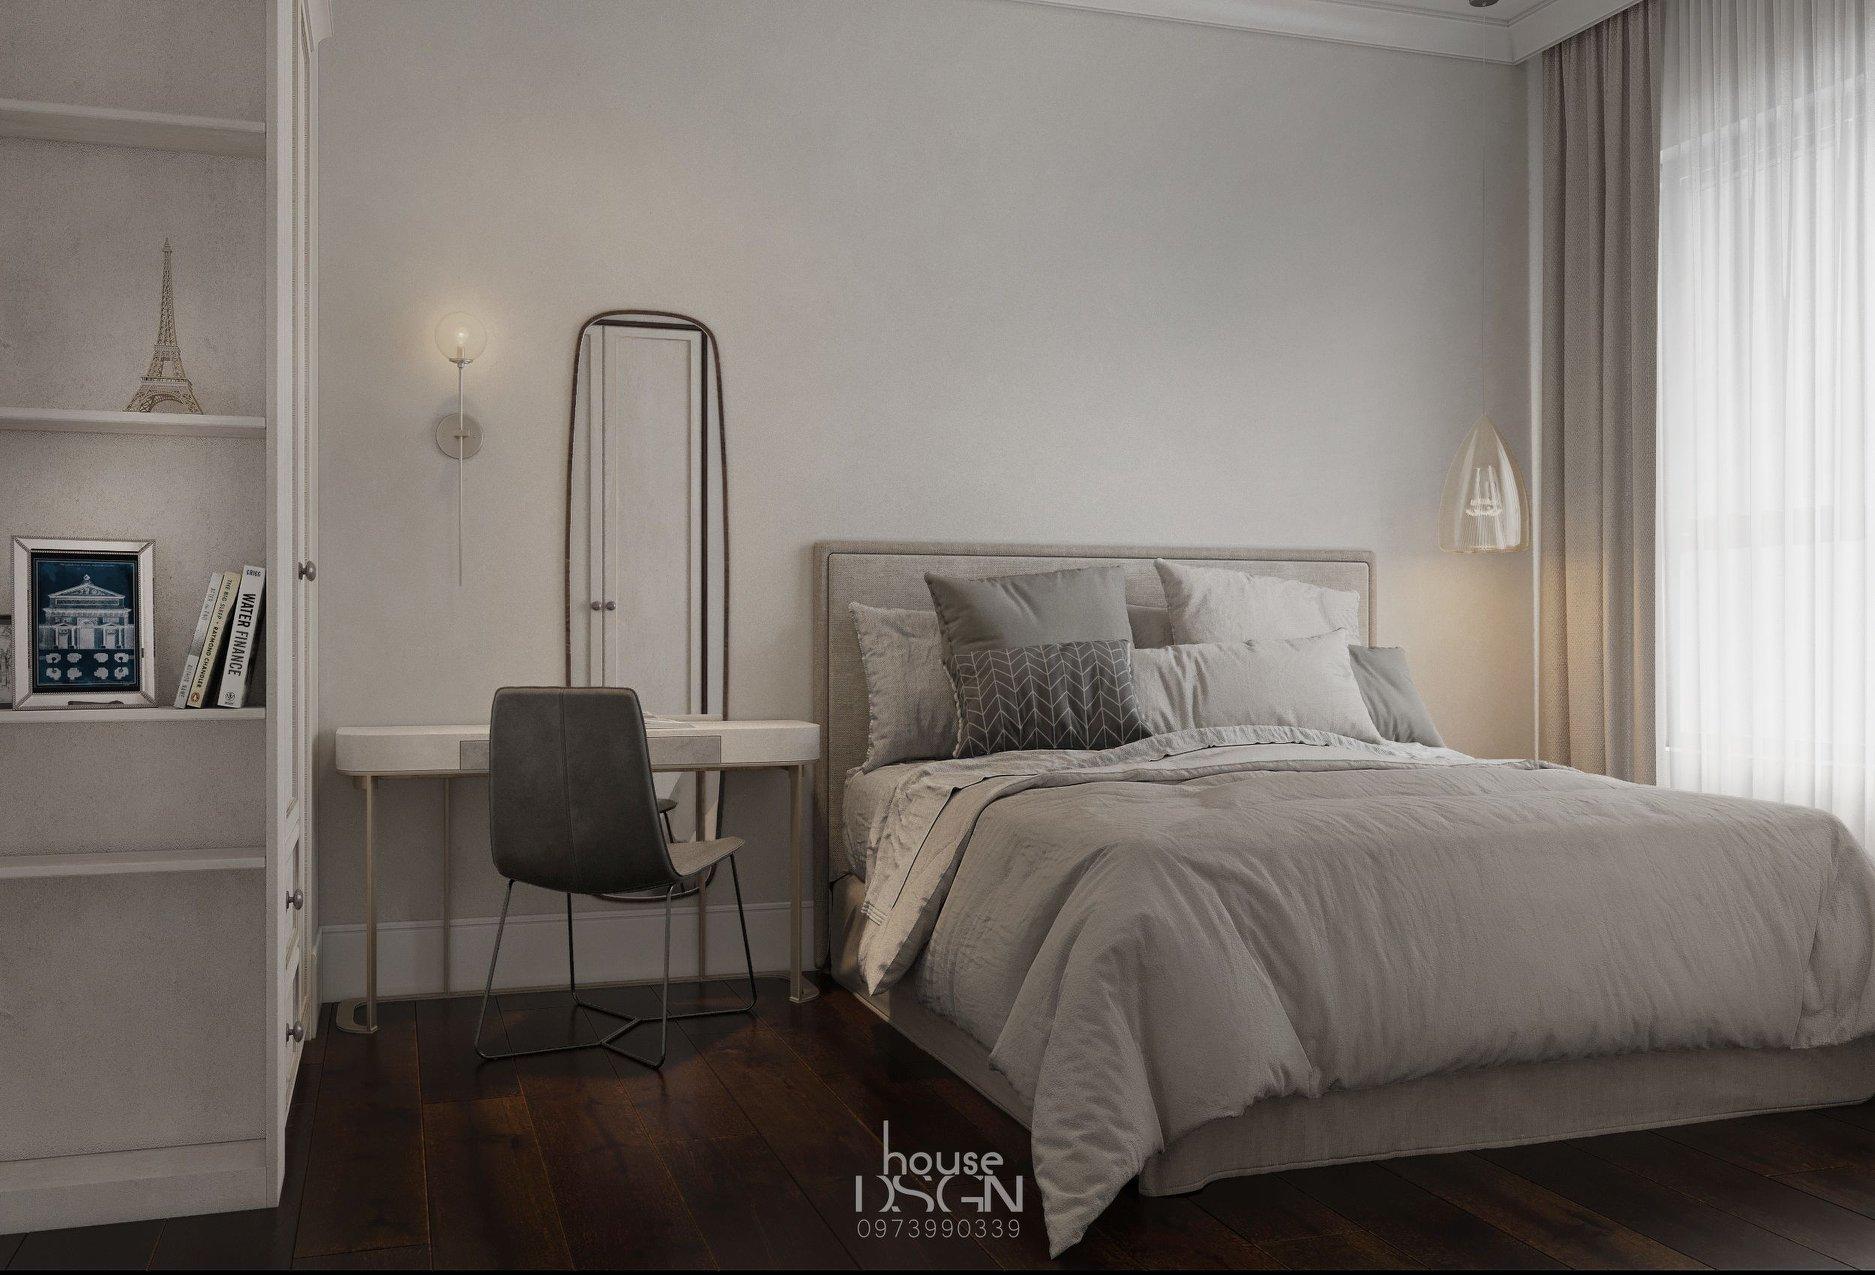 mẫu căn hộ 45m2 đẹp tại Housedesign